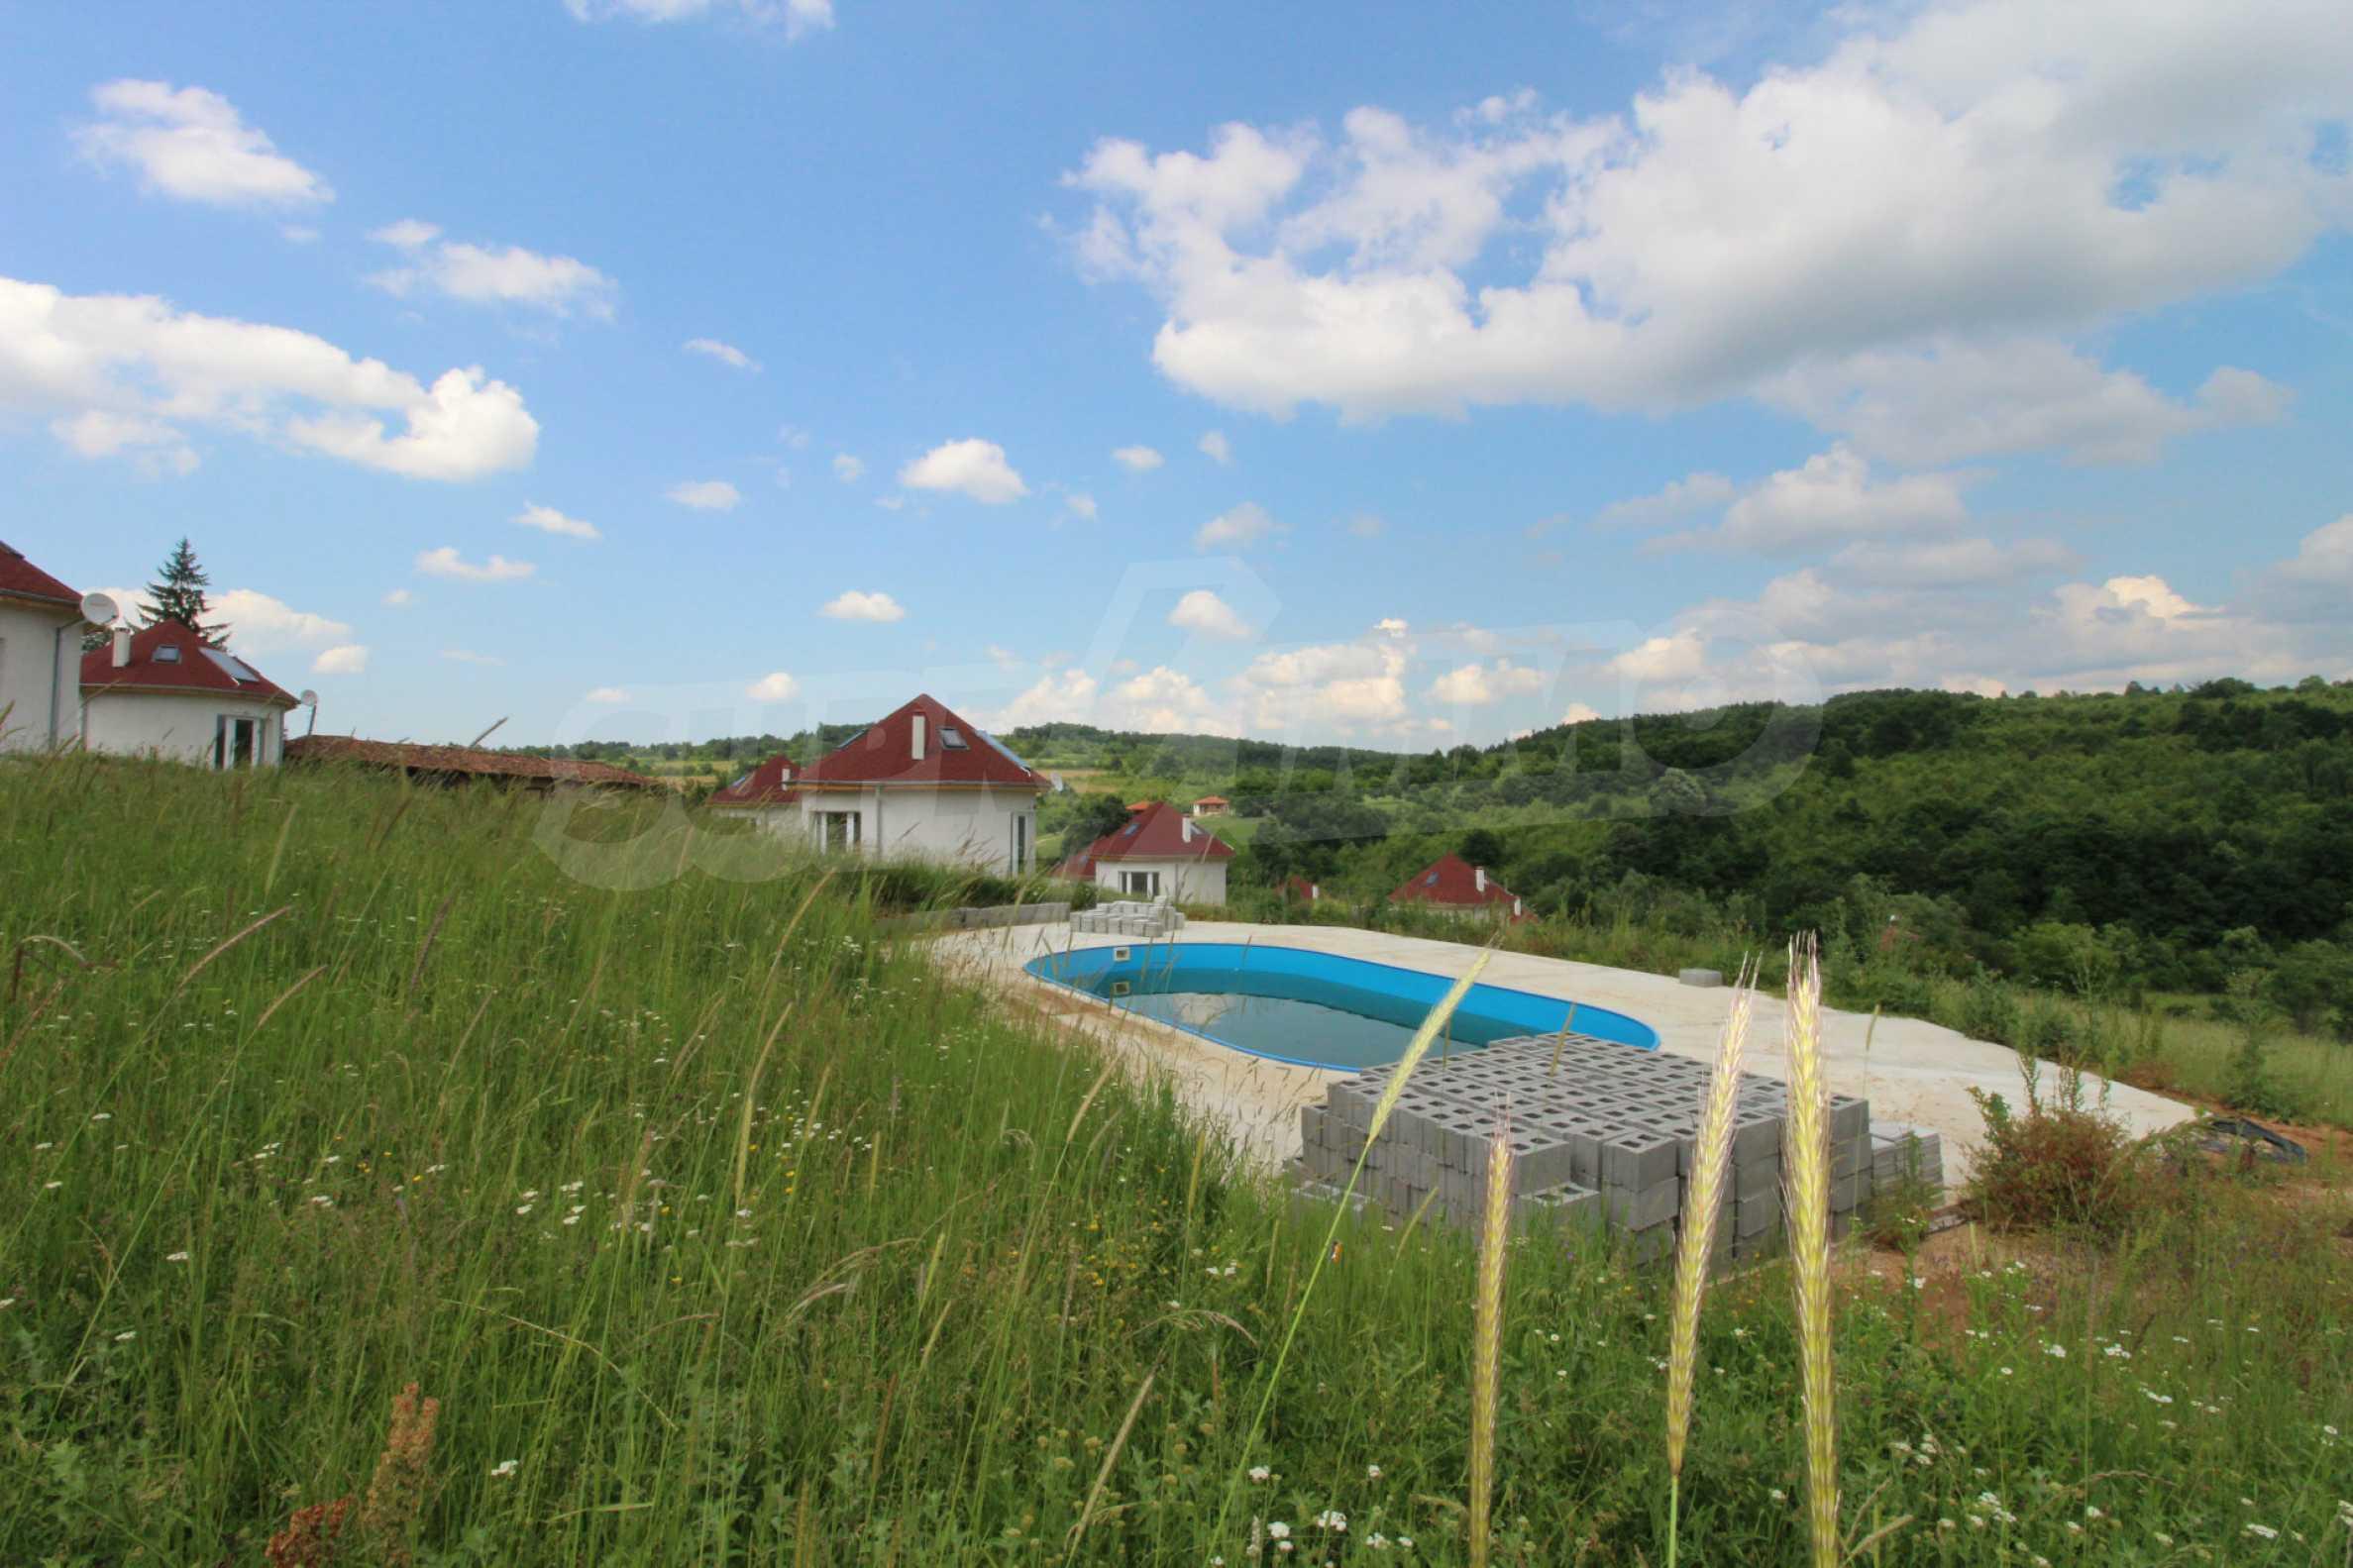 Планинско имение с басейн и  барбекю, с потенциал за развитие на бизнес  59